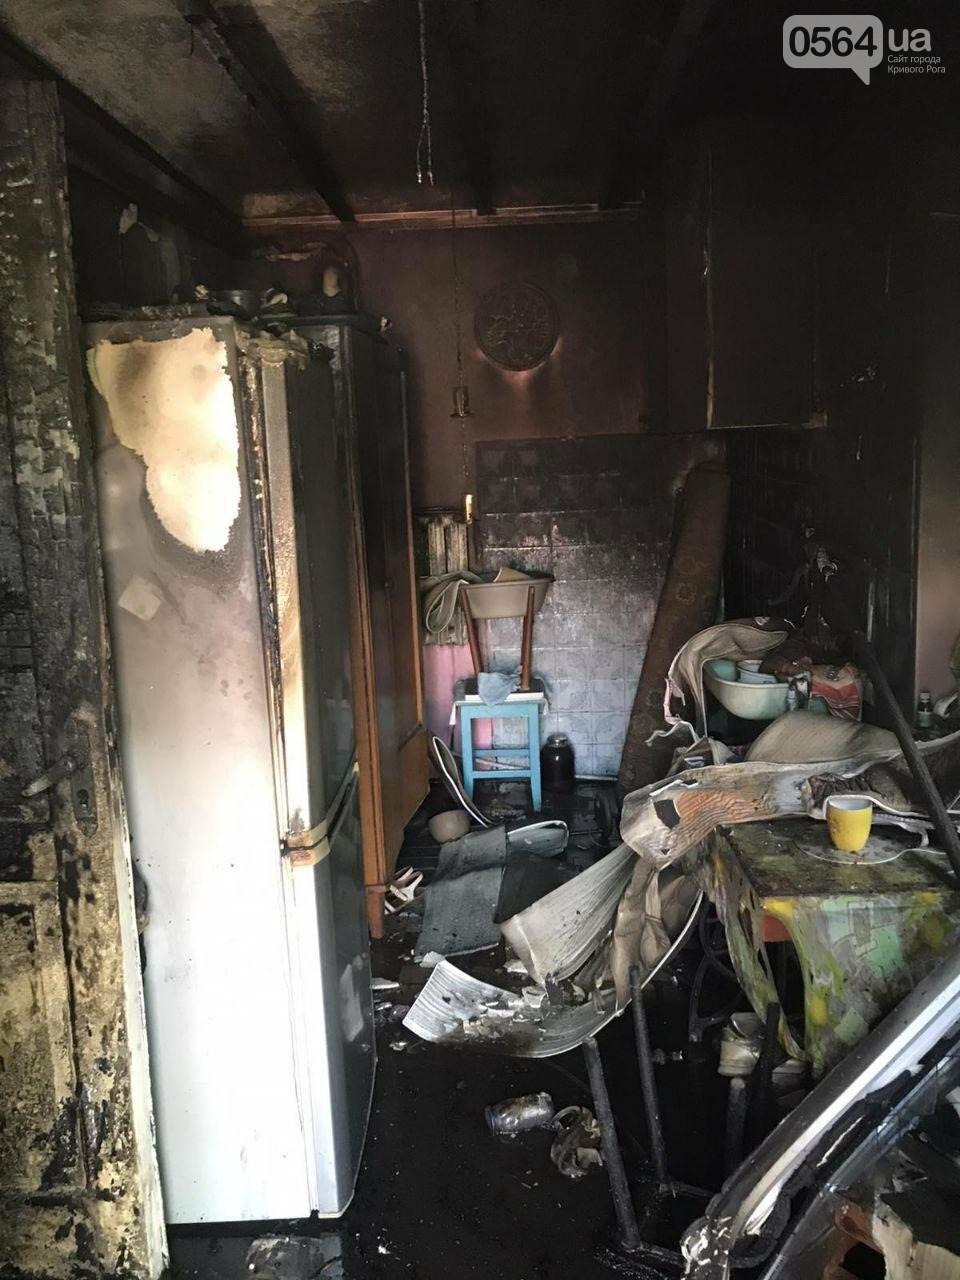 Из горящего дома криворожские спасатели эвакуировали 89-летнюю женщину, фото-5